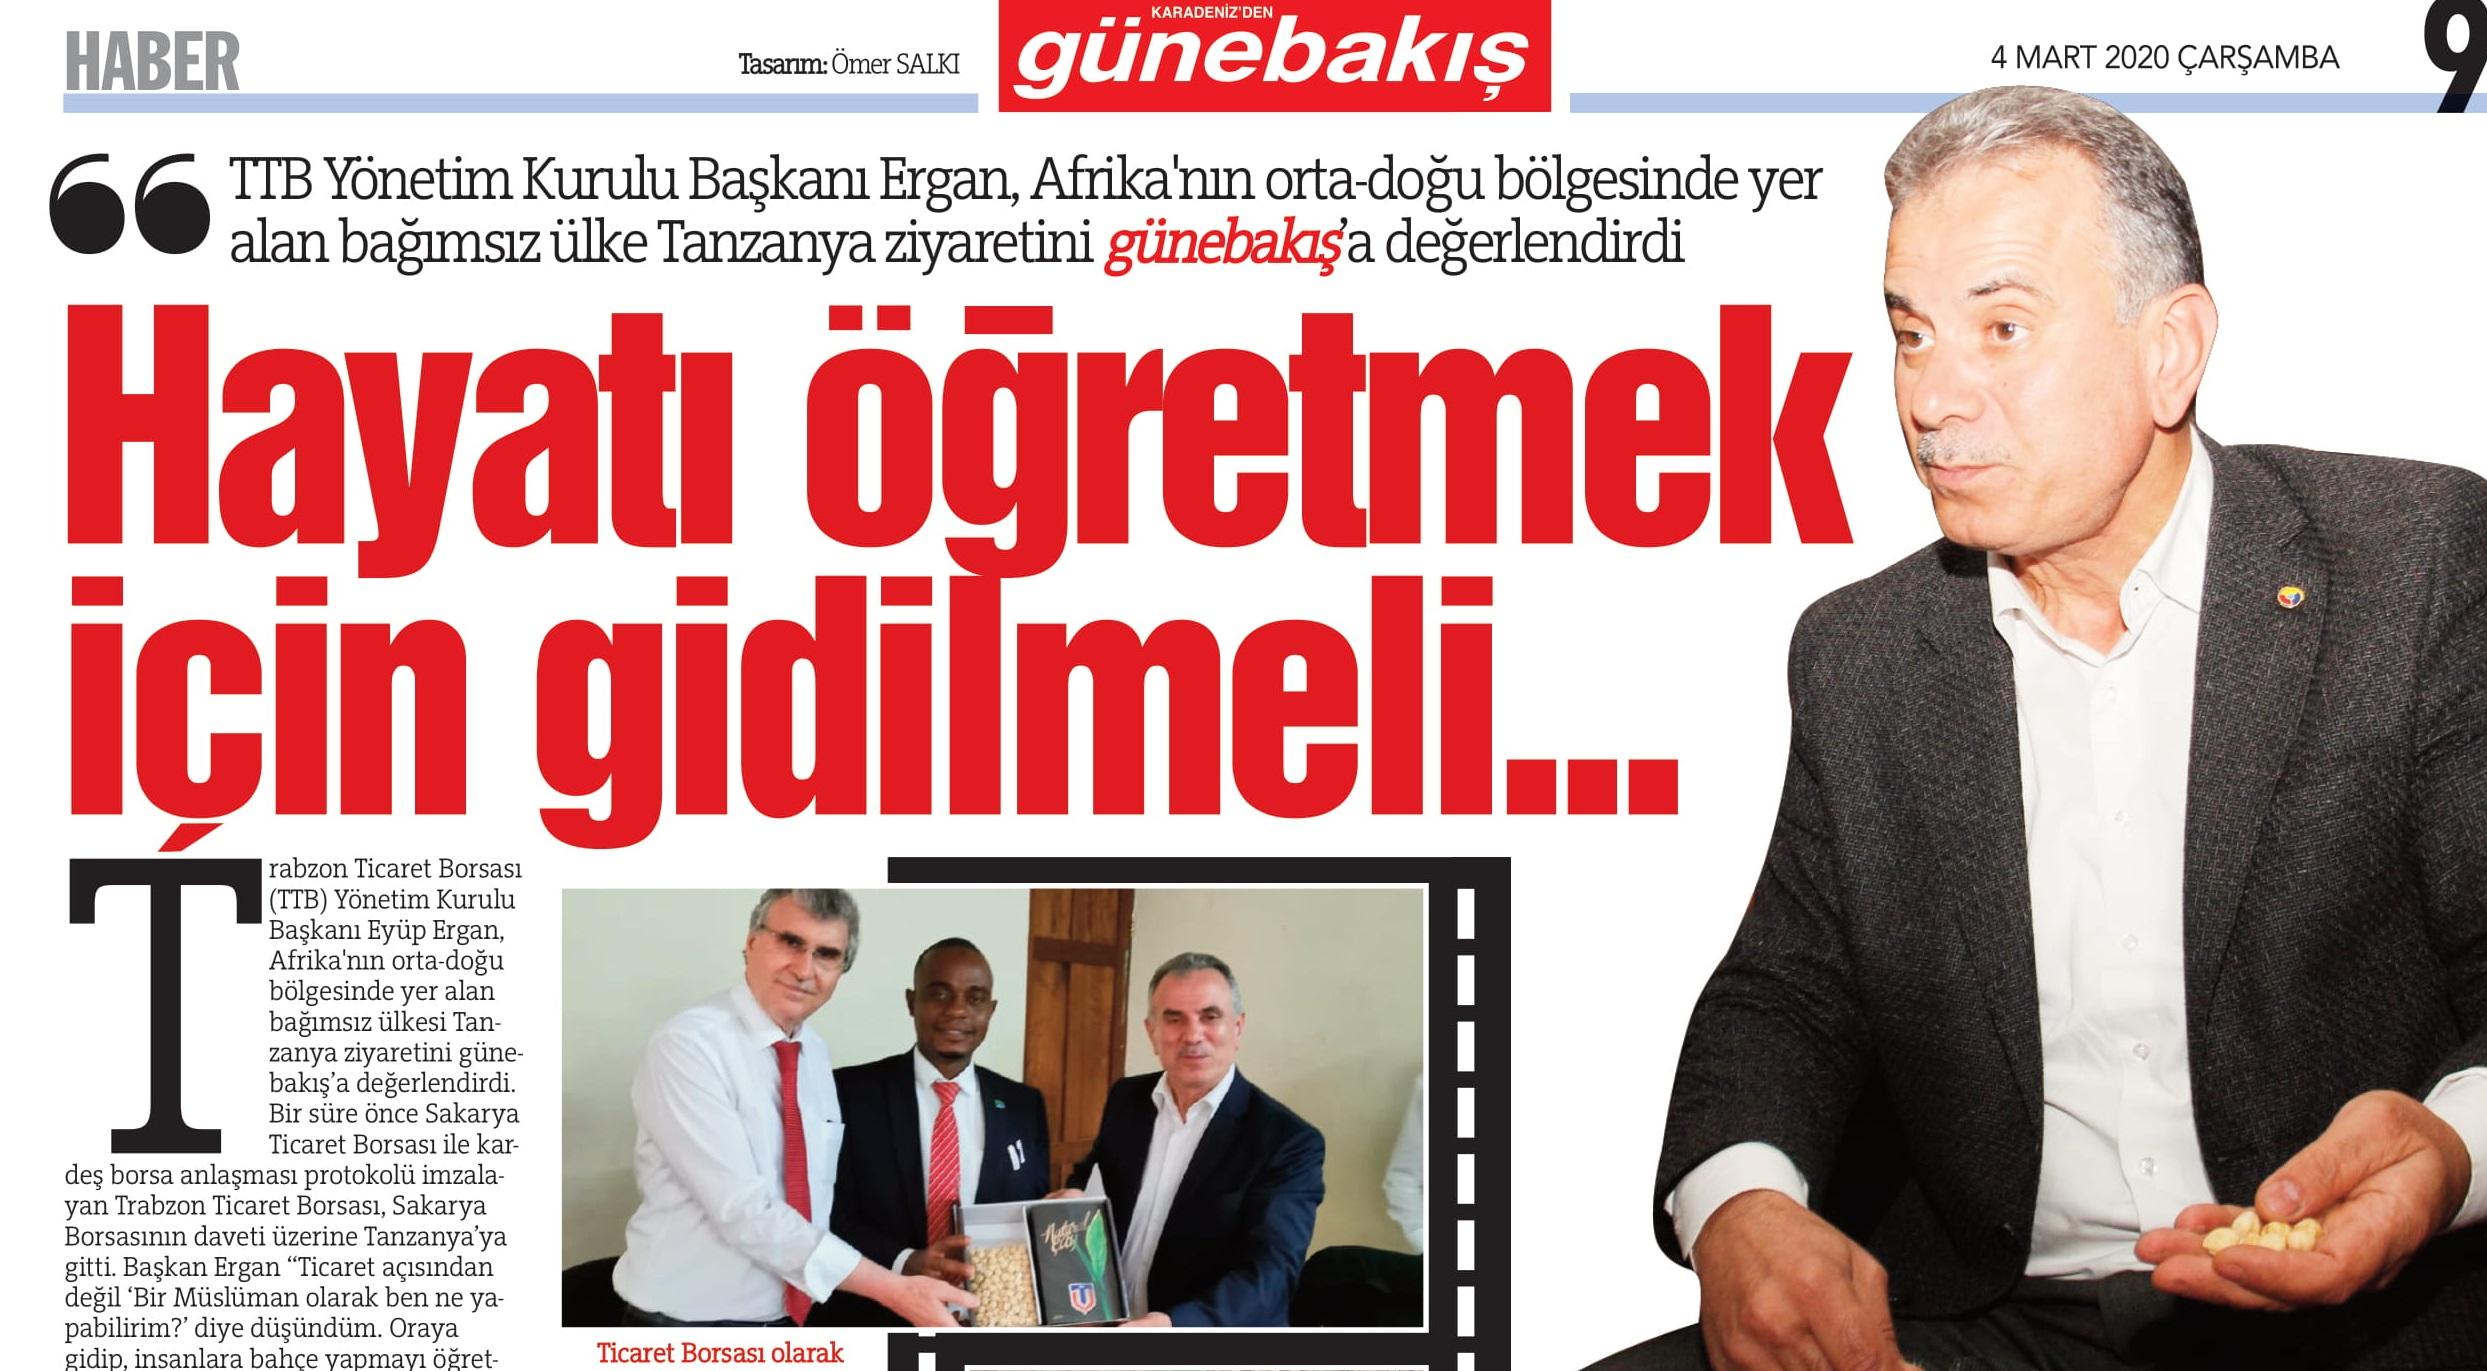 HAYATI ÖĞRETMEK İÇİN GİDİLMELİ- EYYÜP ERGAN/GÜNEBAKIŞ GAZETESİ 04.03.2020